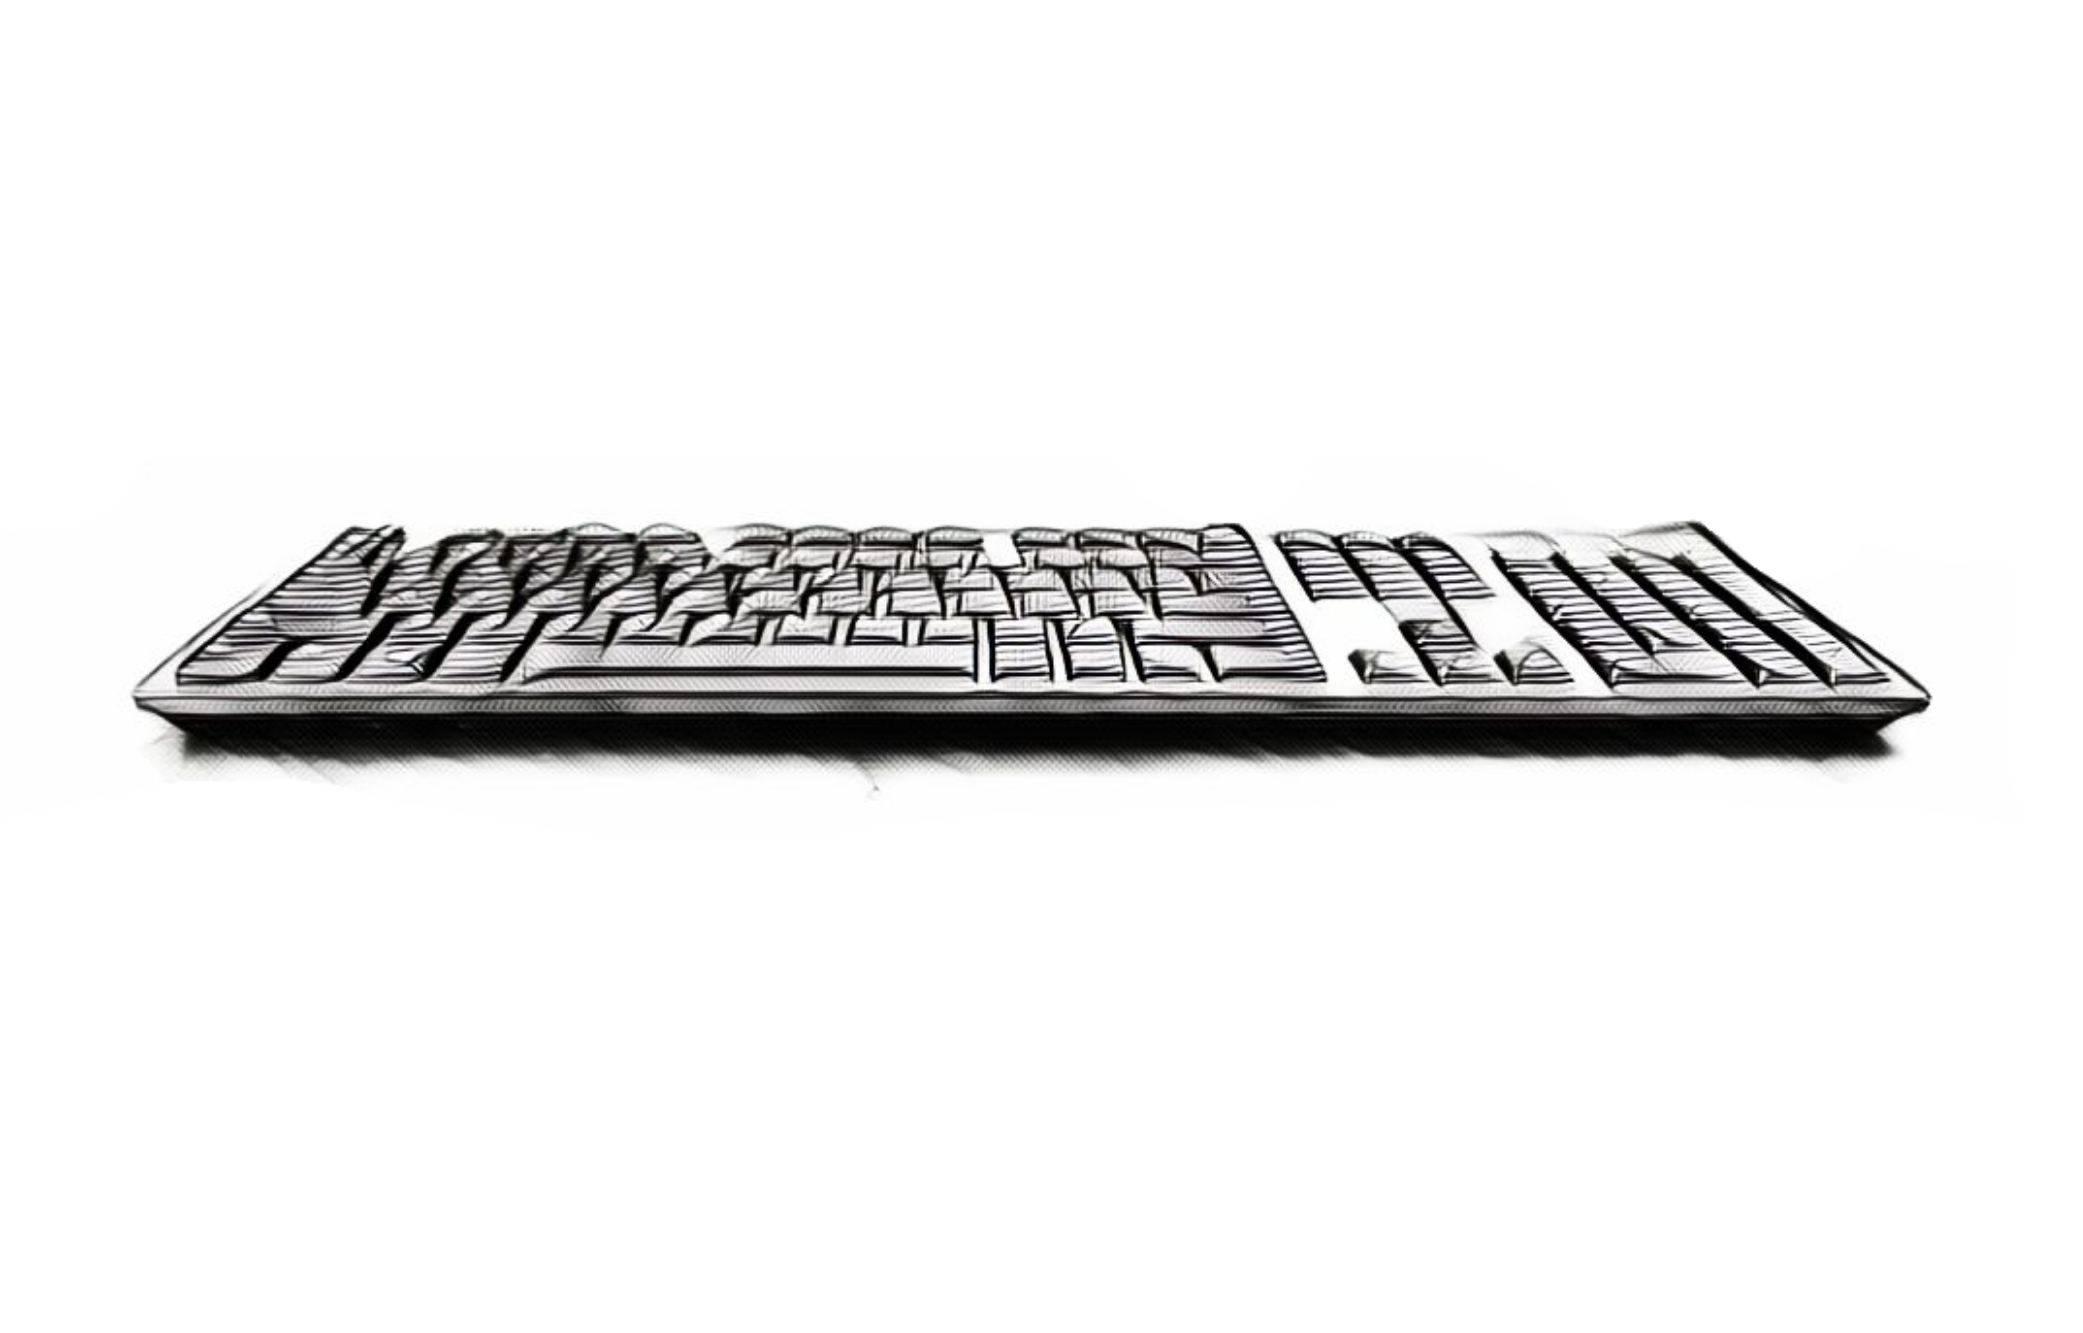 standard flat keyboard